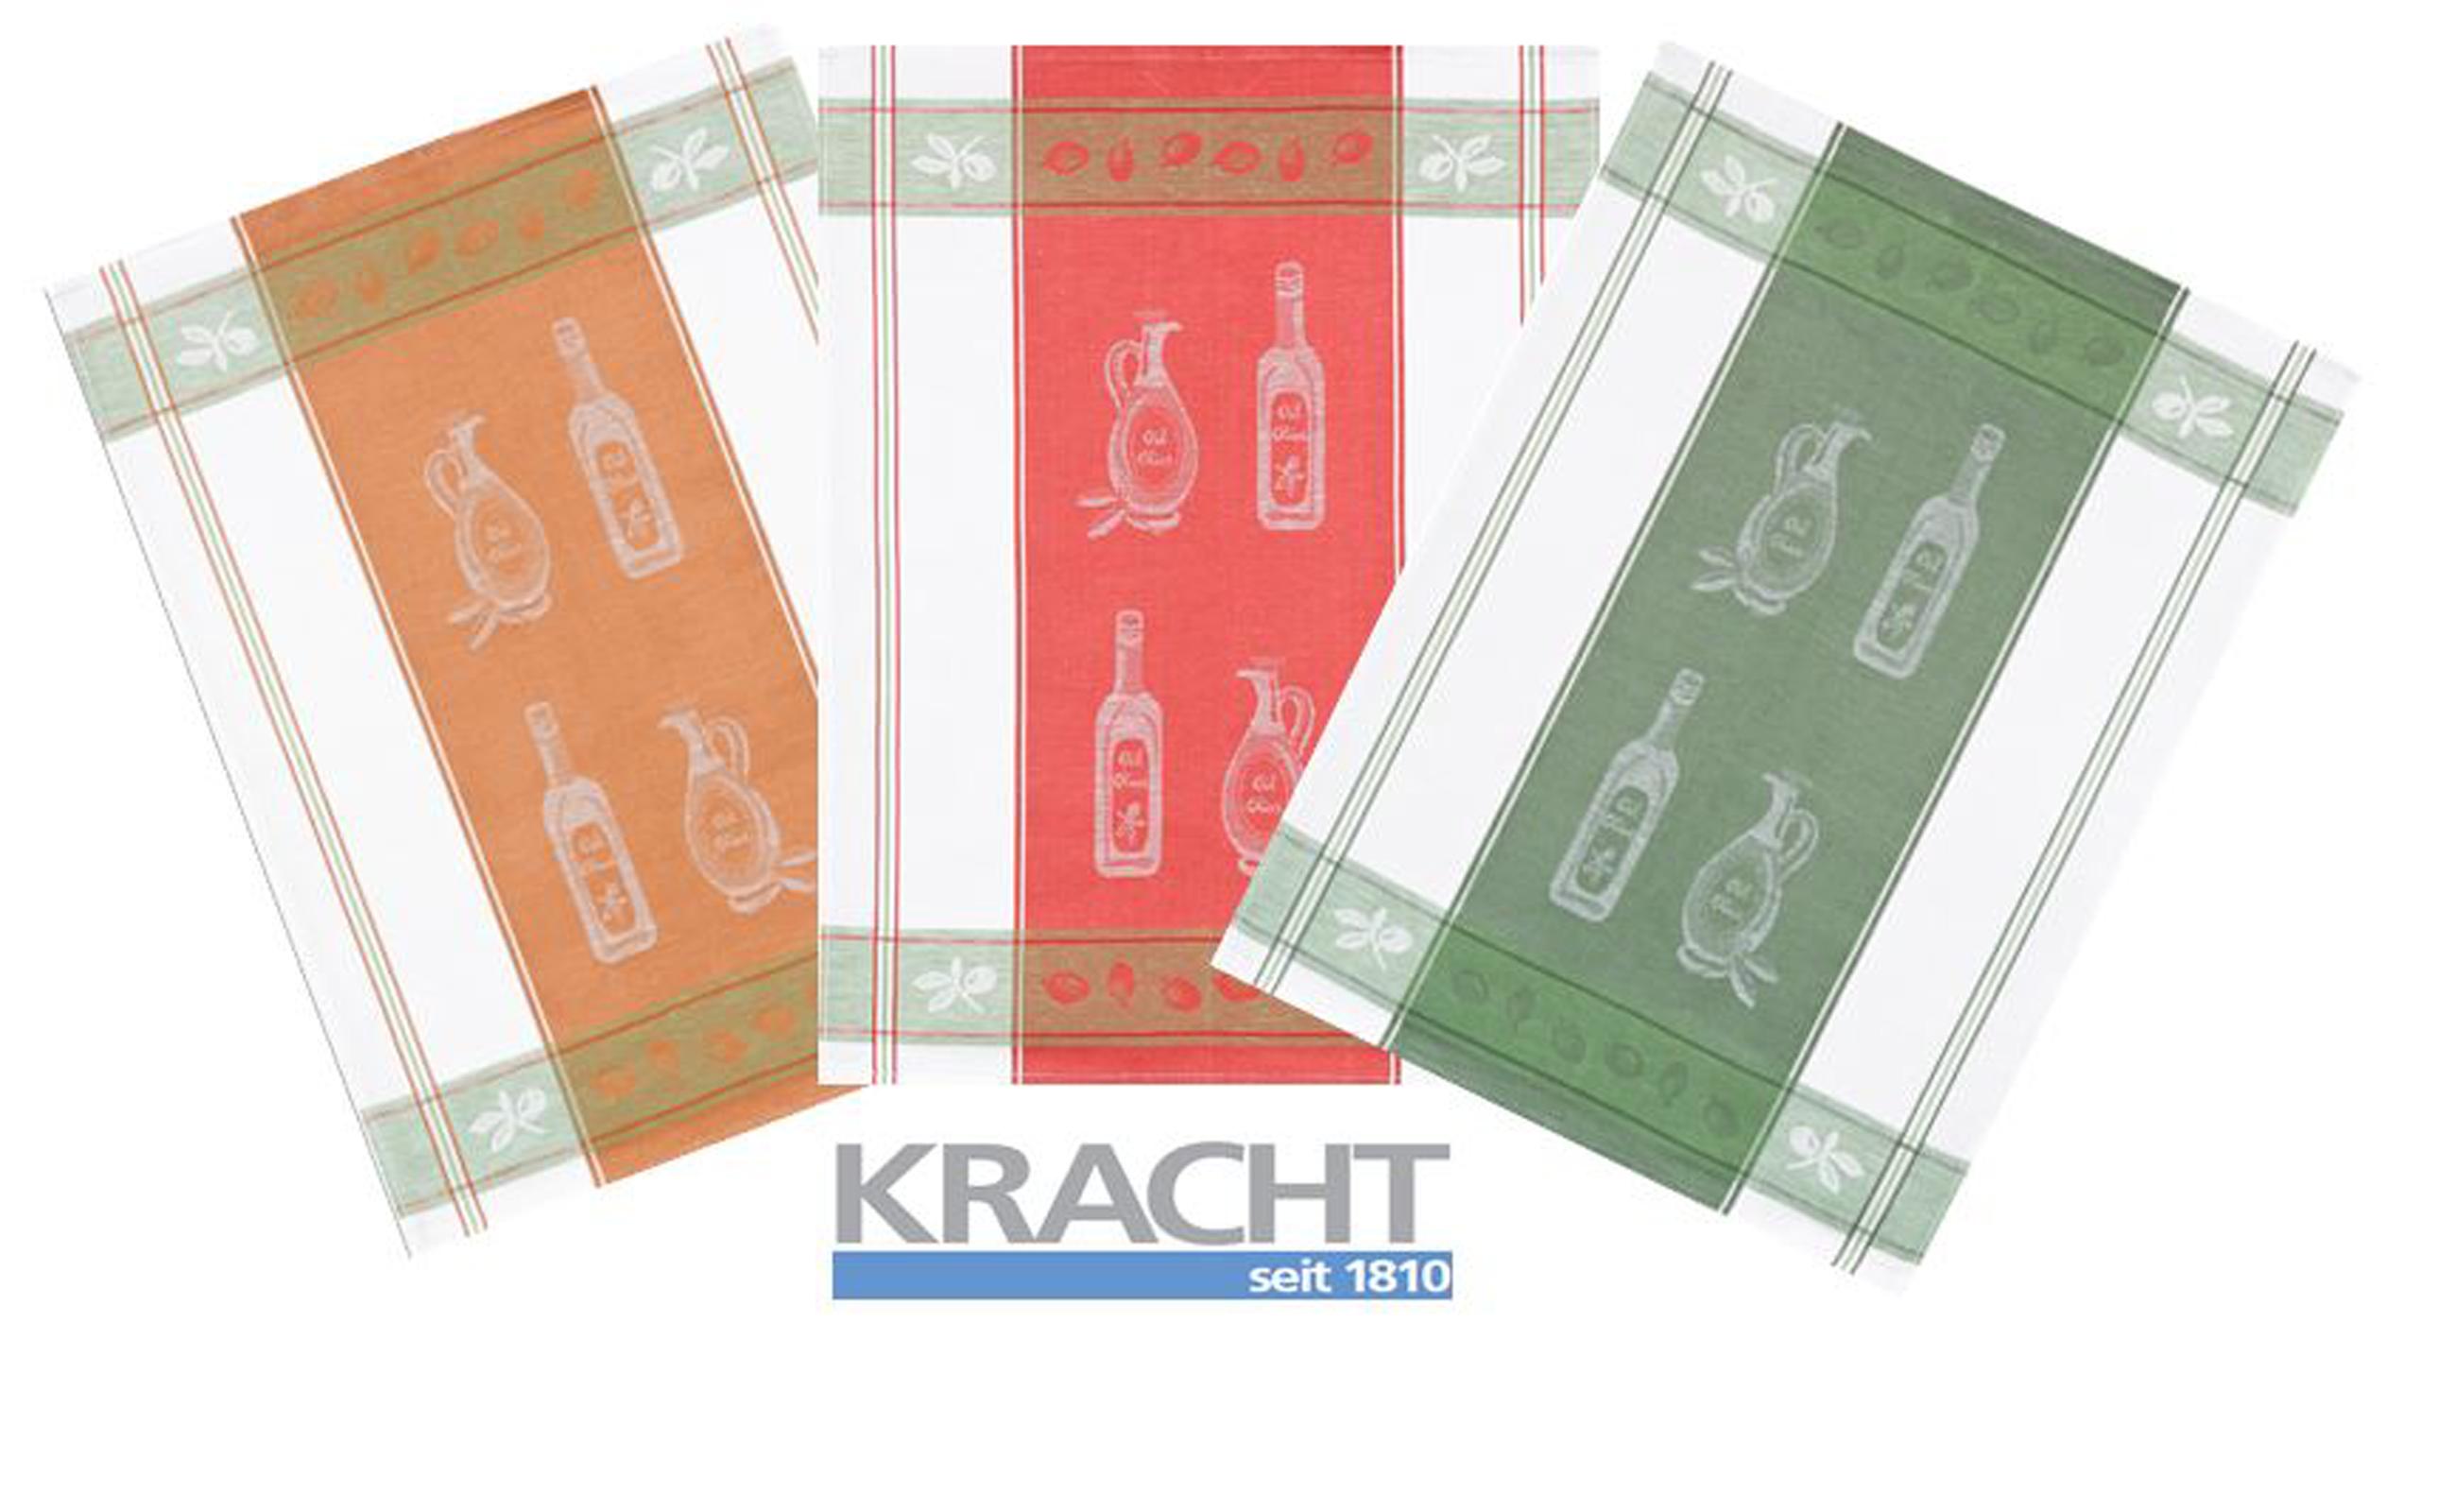 Küchentextilien - 3er Pack Kracht Halbleinen Geschirrtuch 50x70 farblich sortiert 2 251 15 Oel Essig  - Onlineshop PremiumShop321